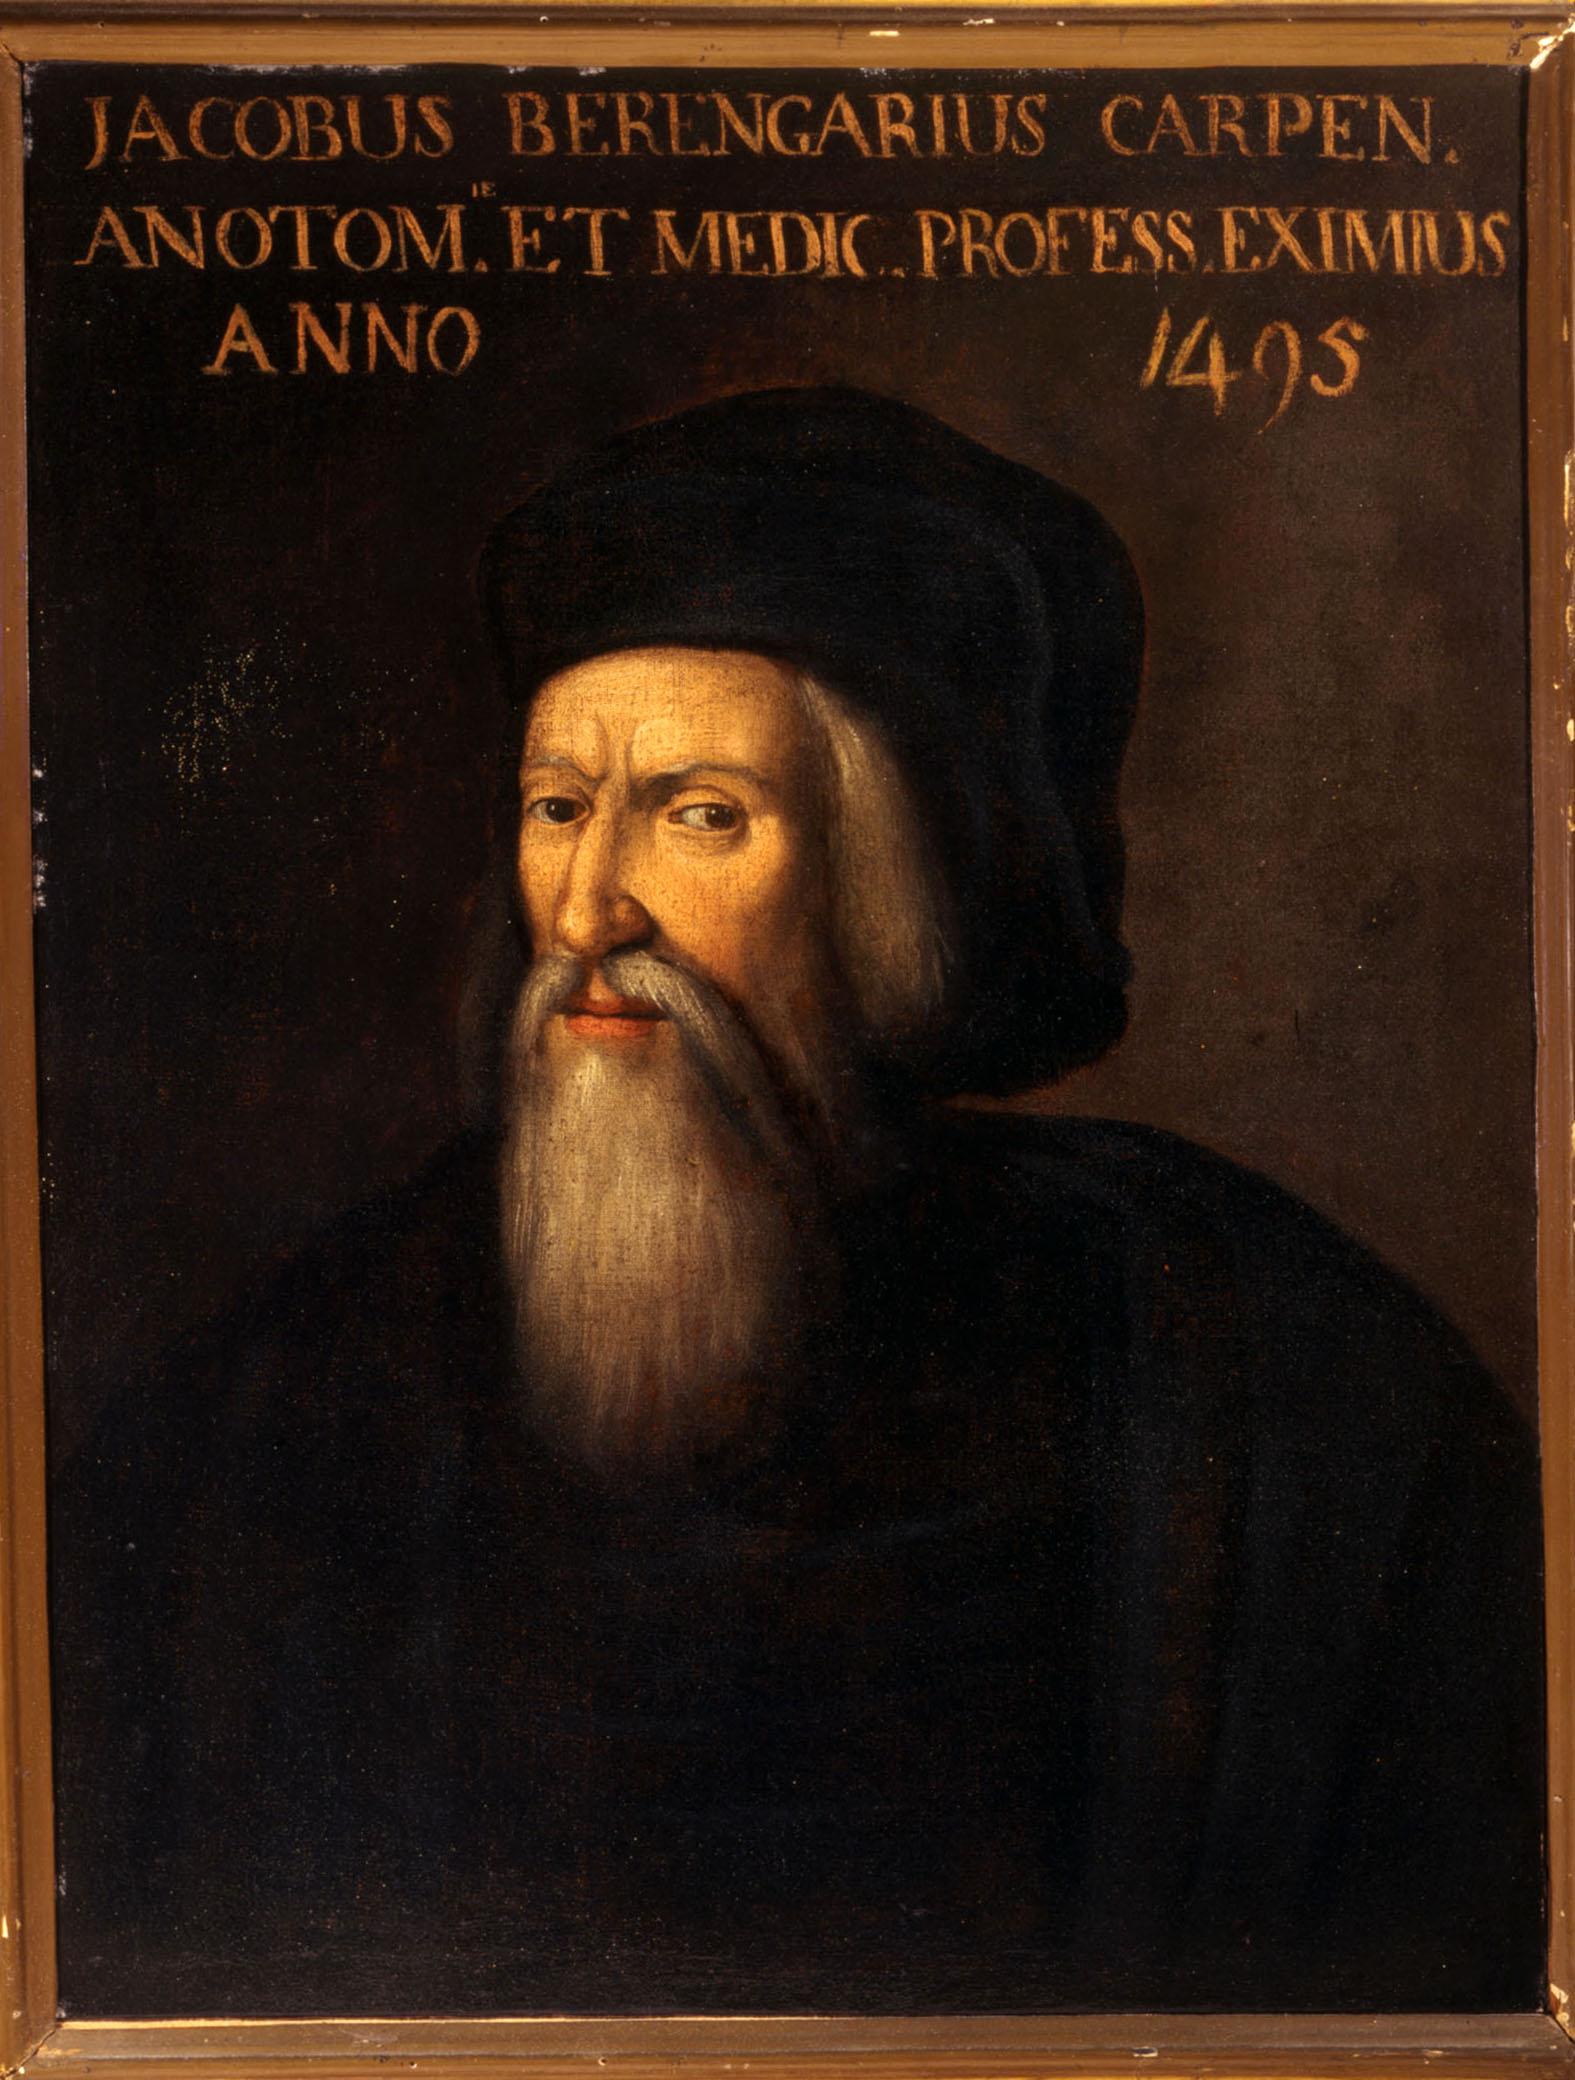 A Carpi una mostra su Berengario da Carpi, il medico del Rinascimento